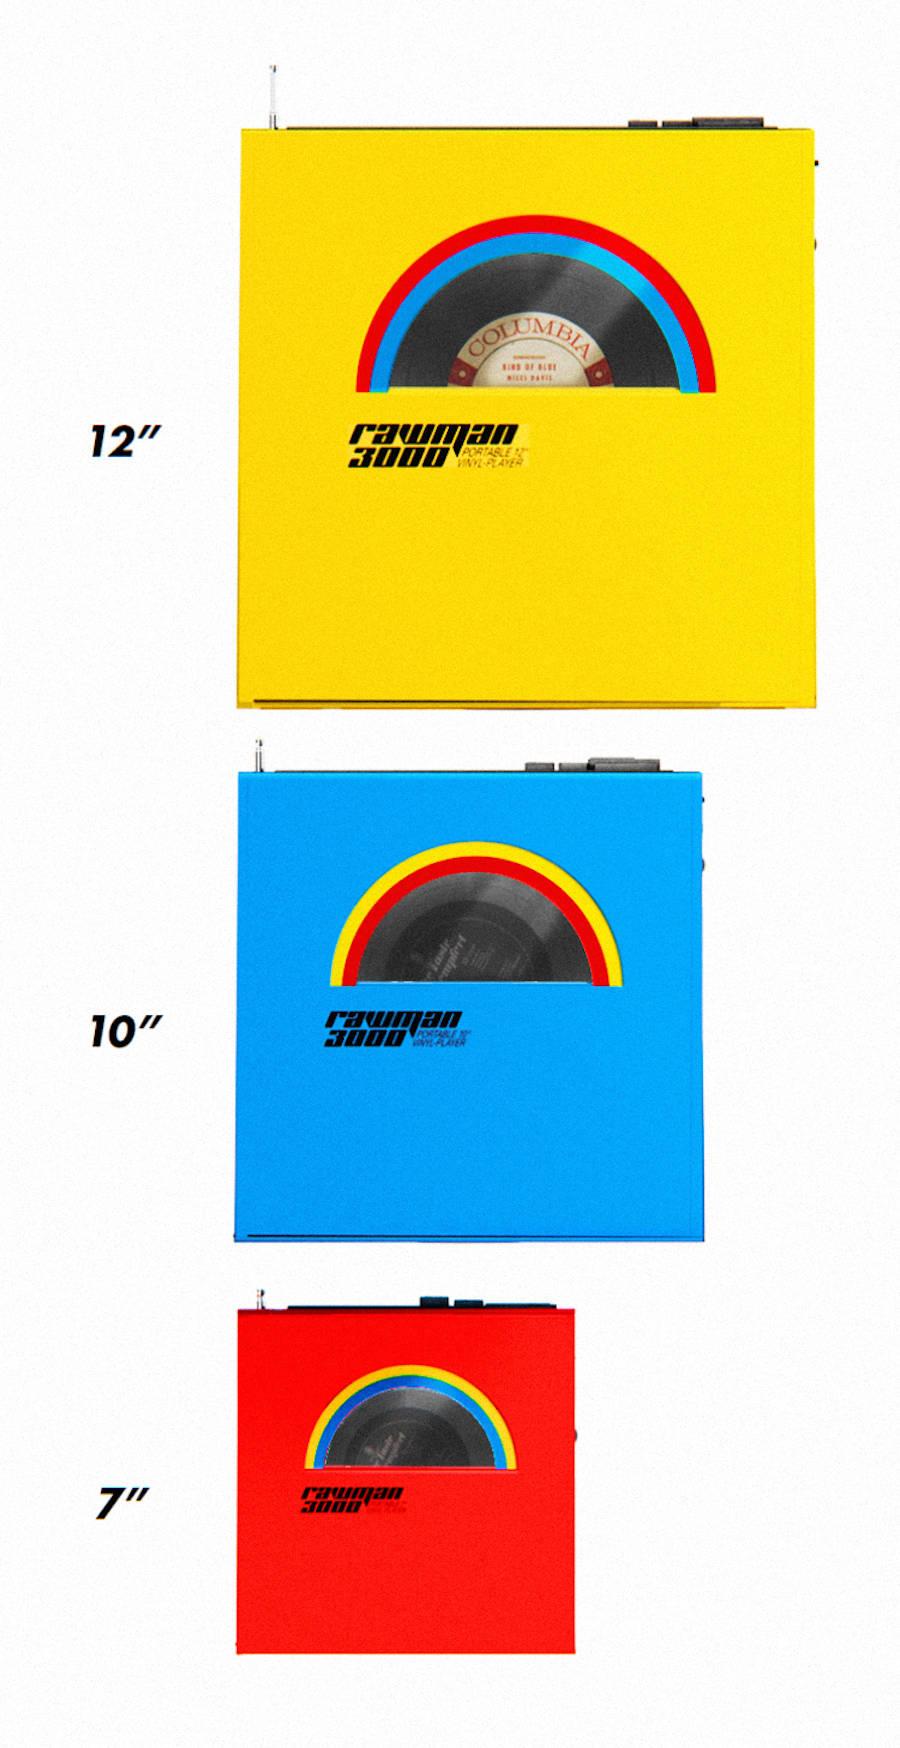 vinyles portable8